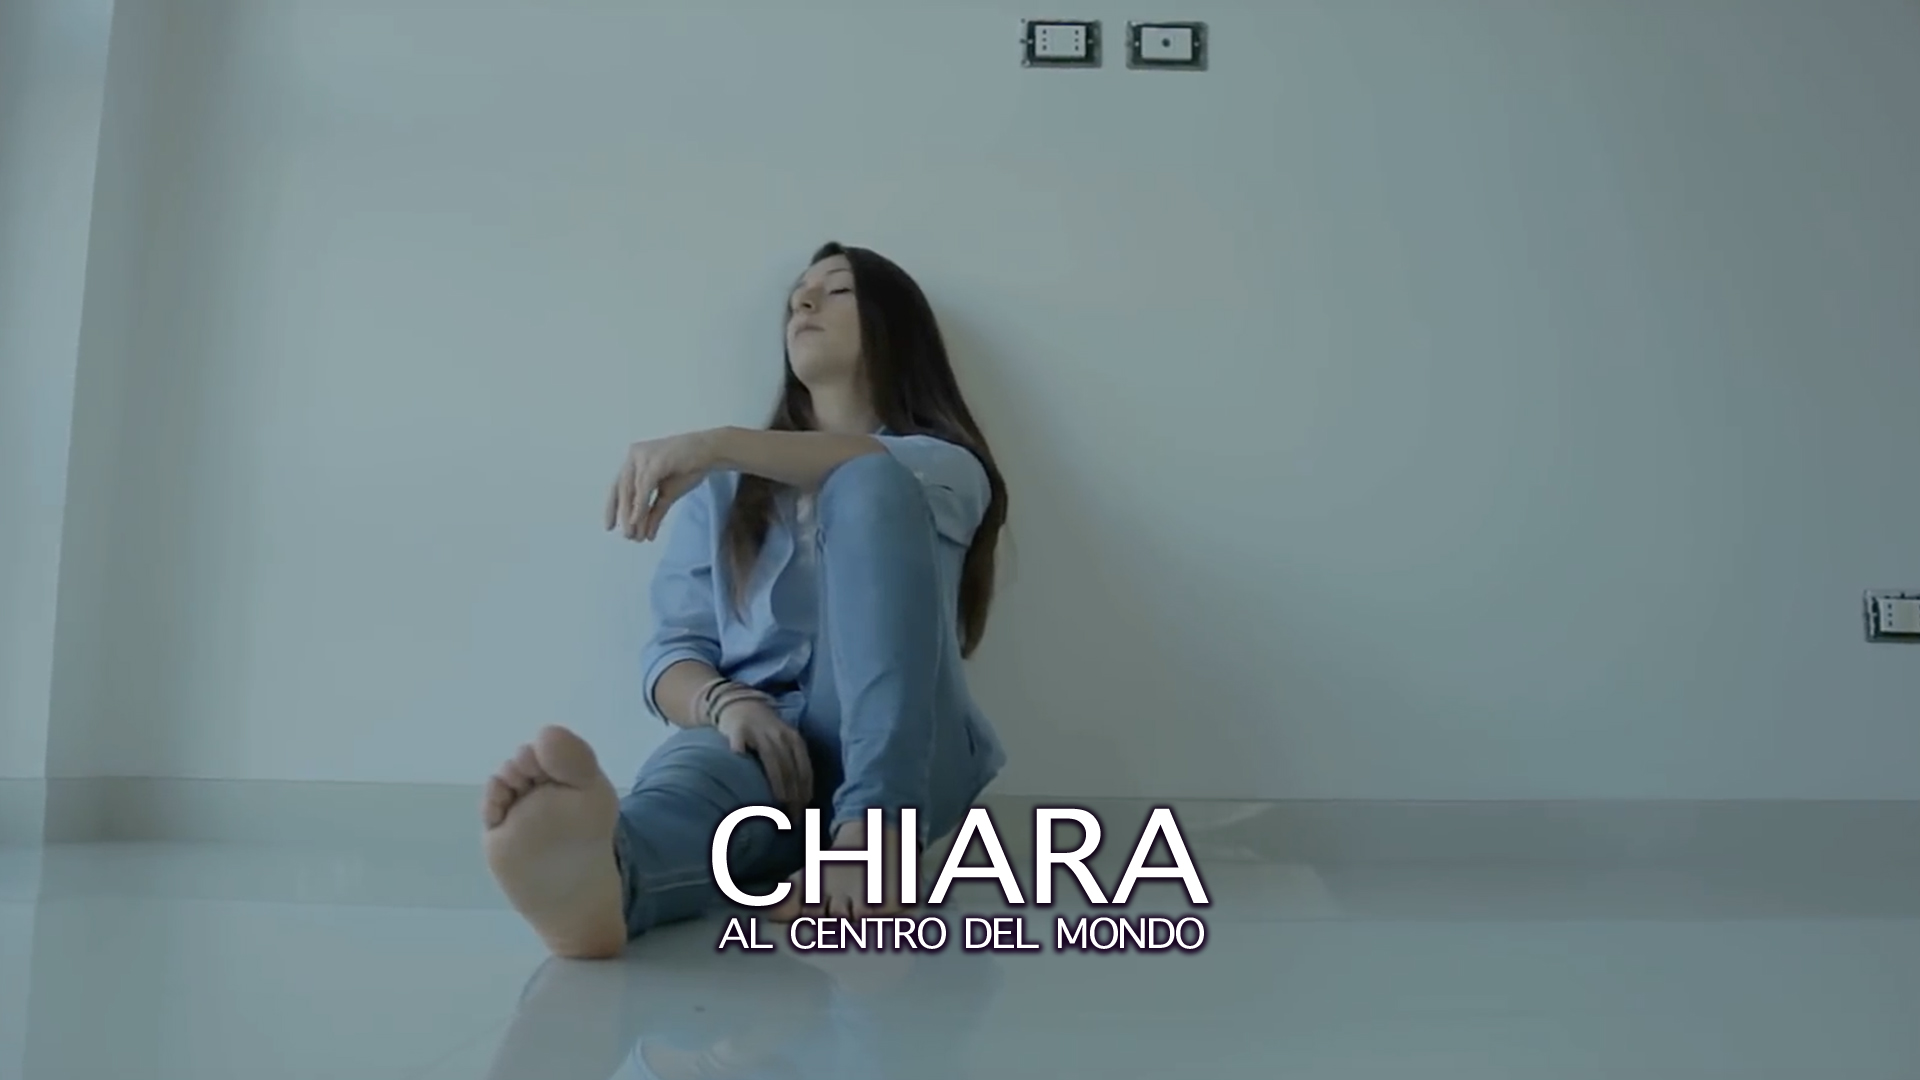 Copertina Video Chiara al centro del mondo